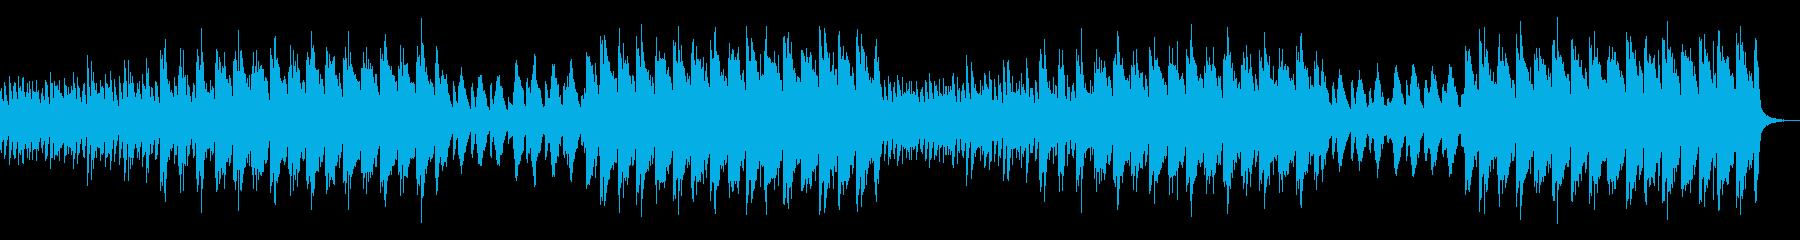 神秘的でレトロなゲーム音楽ですの再生済みの波形